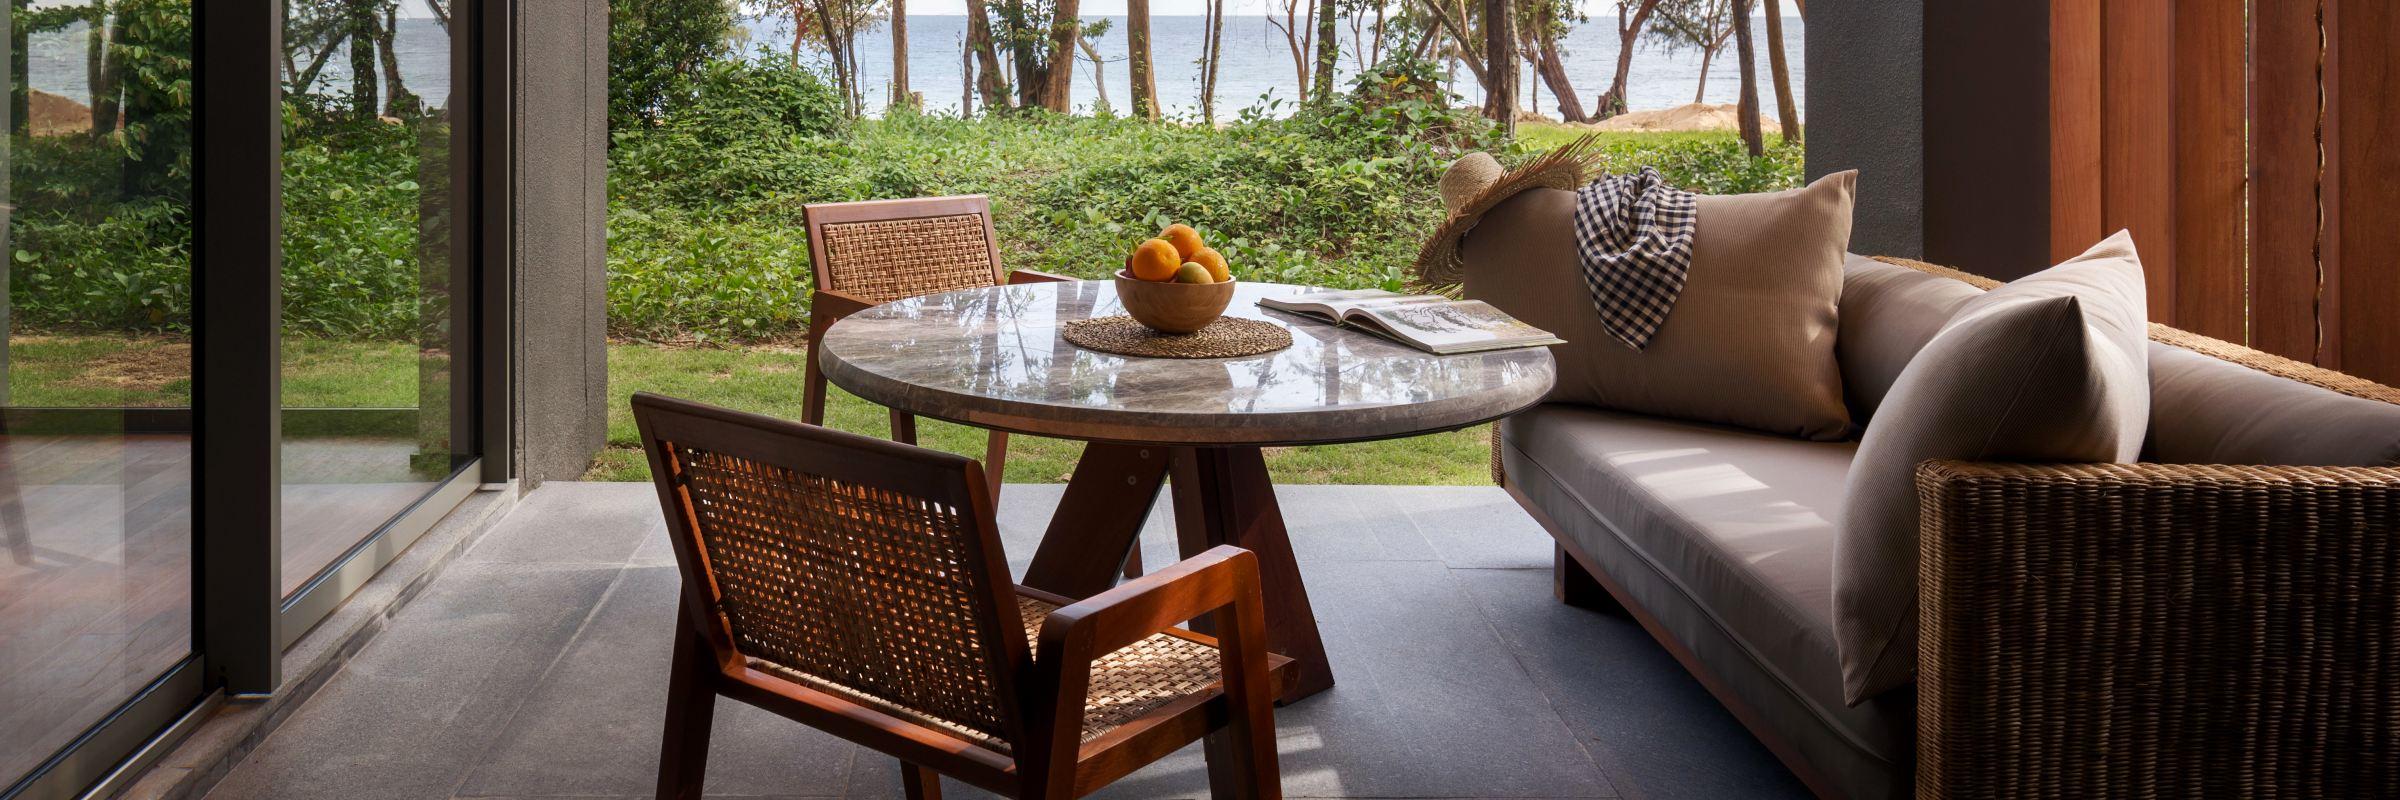 Die Beachfront Pavillons im Alila Villas Koh Russey bieten Fästen eine fantastische Aussicht auf den Strand und das Meer.